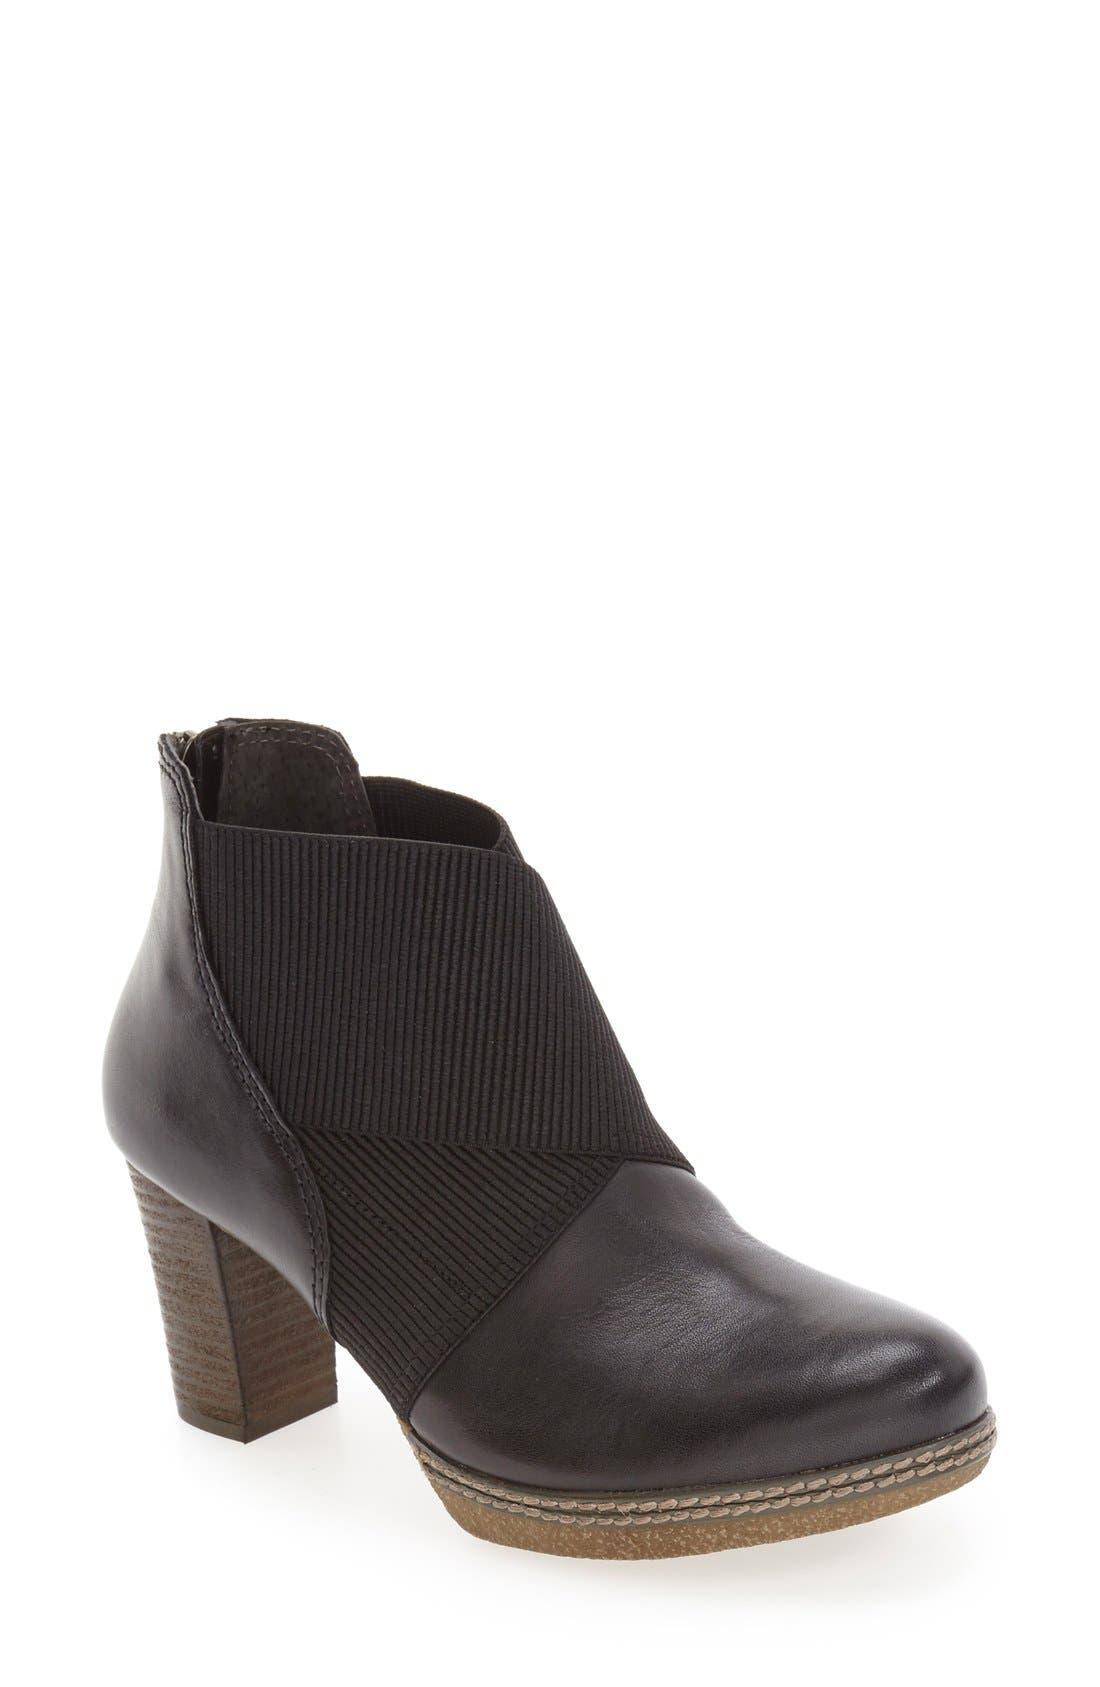 Main Image - Gabor Block Heel Bootie (Women)